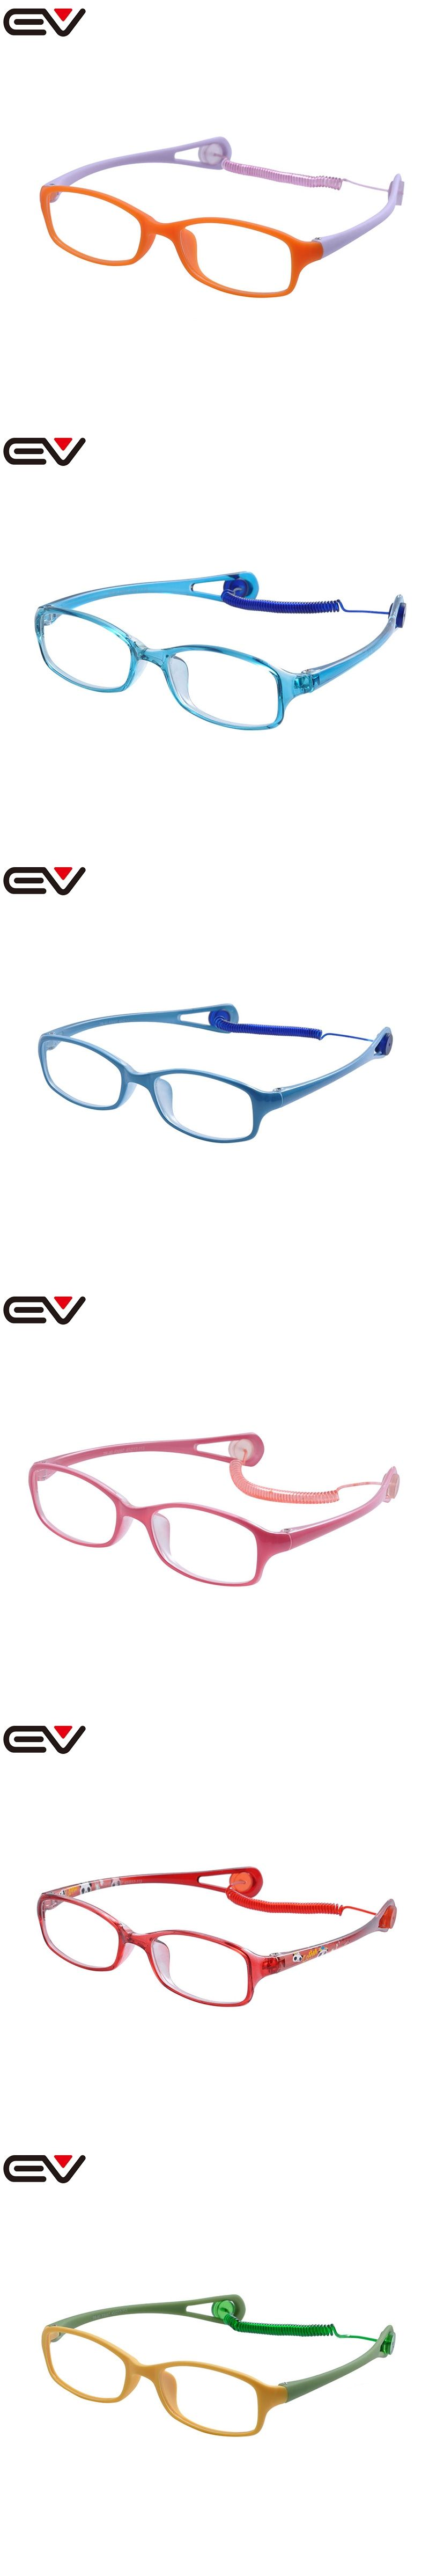 Kids glasses frame eye glasses frames for children optical glasses ...